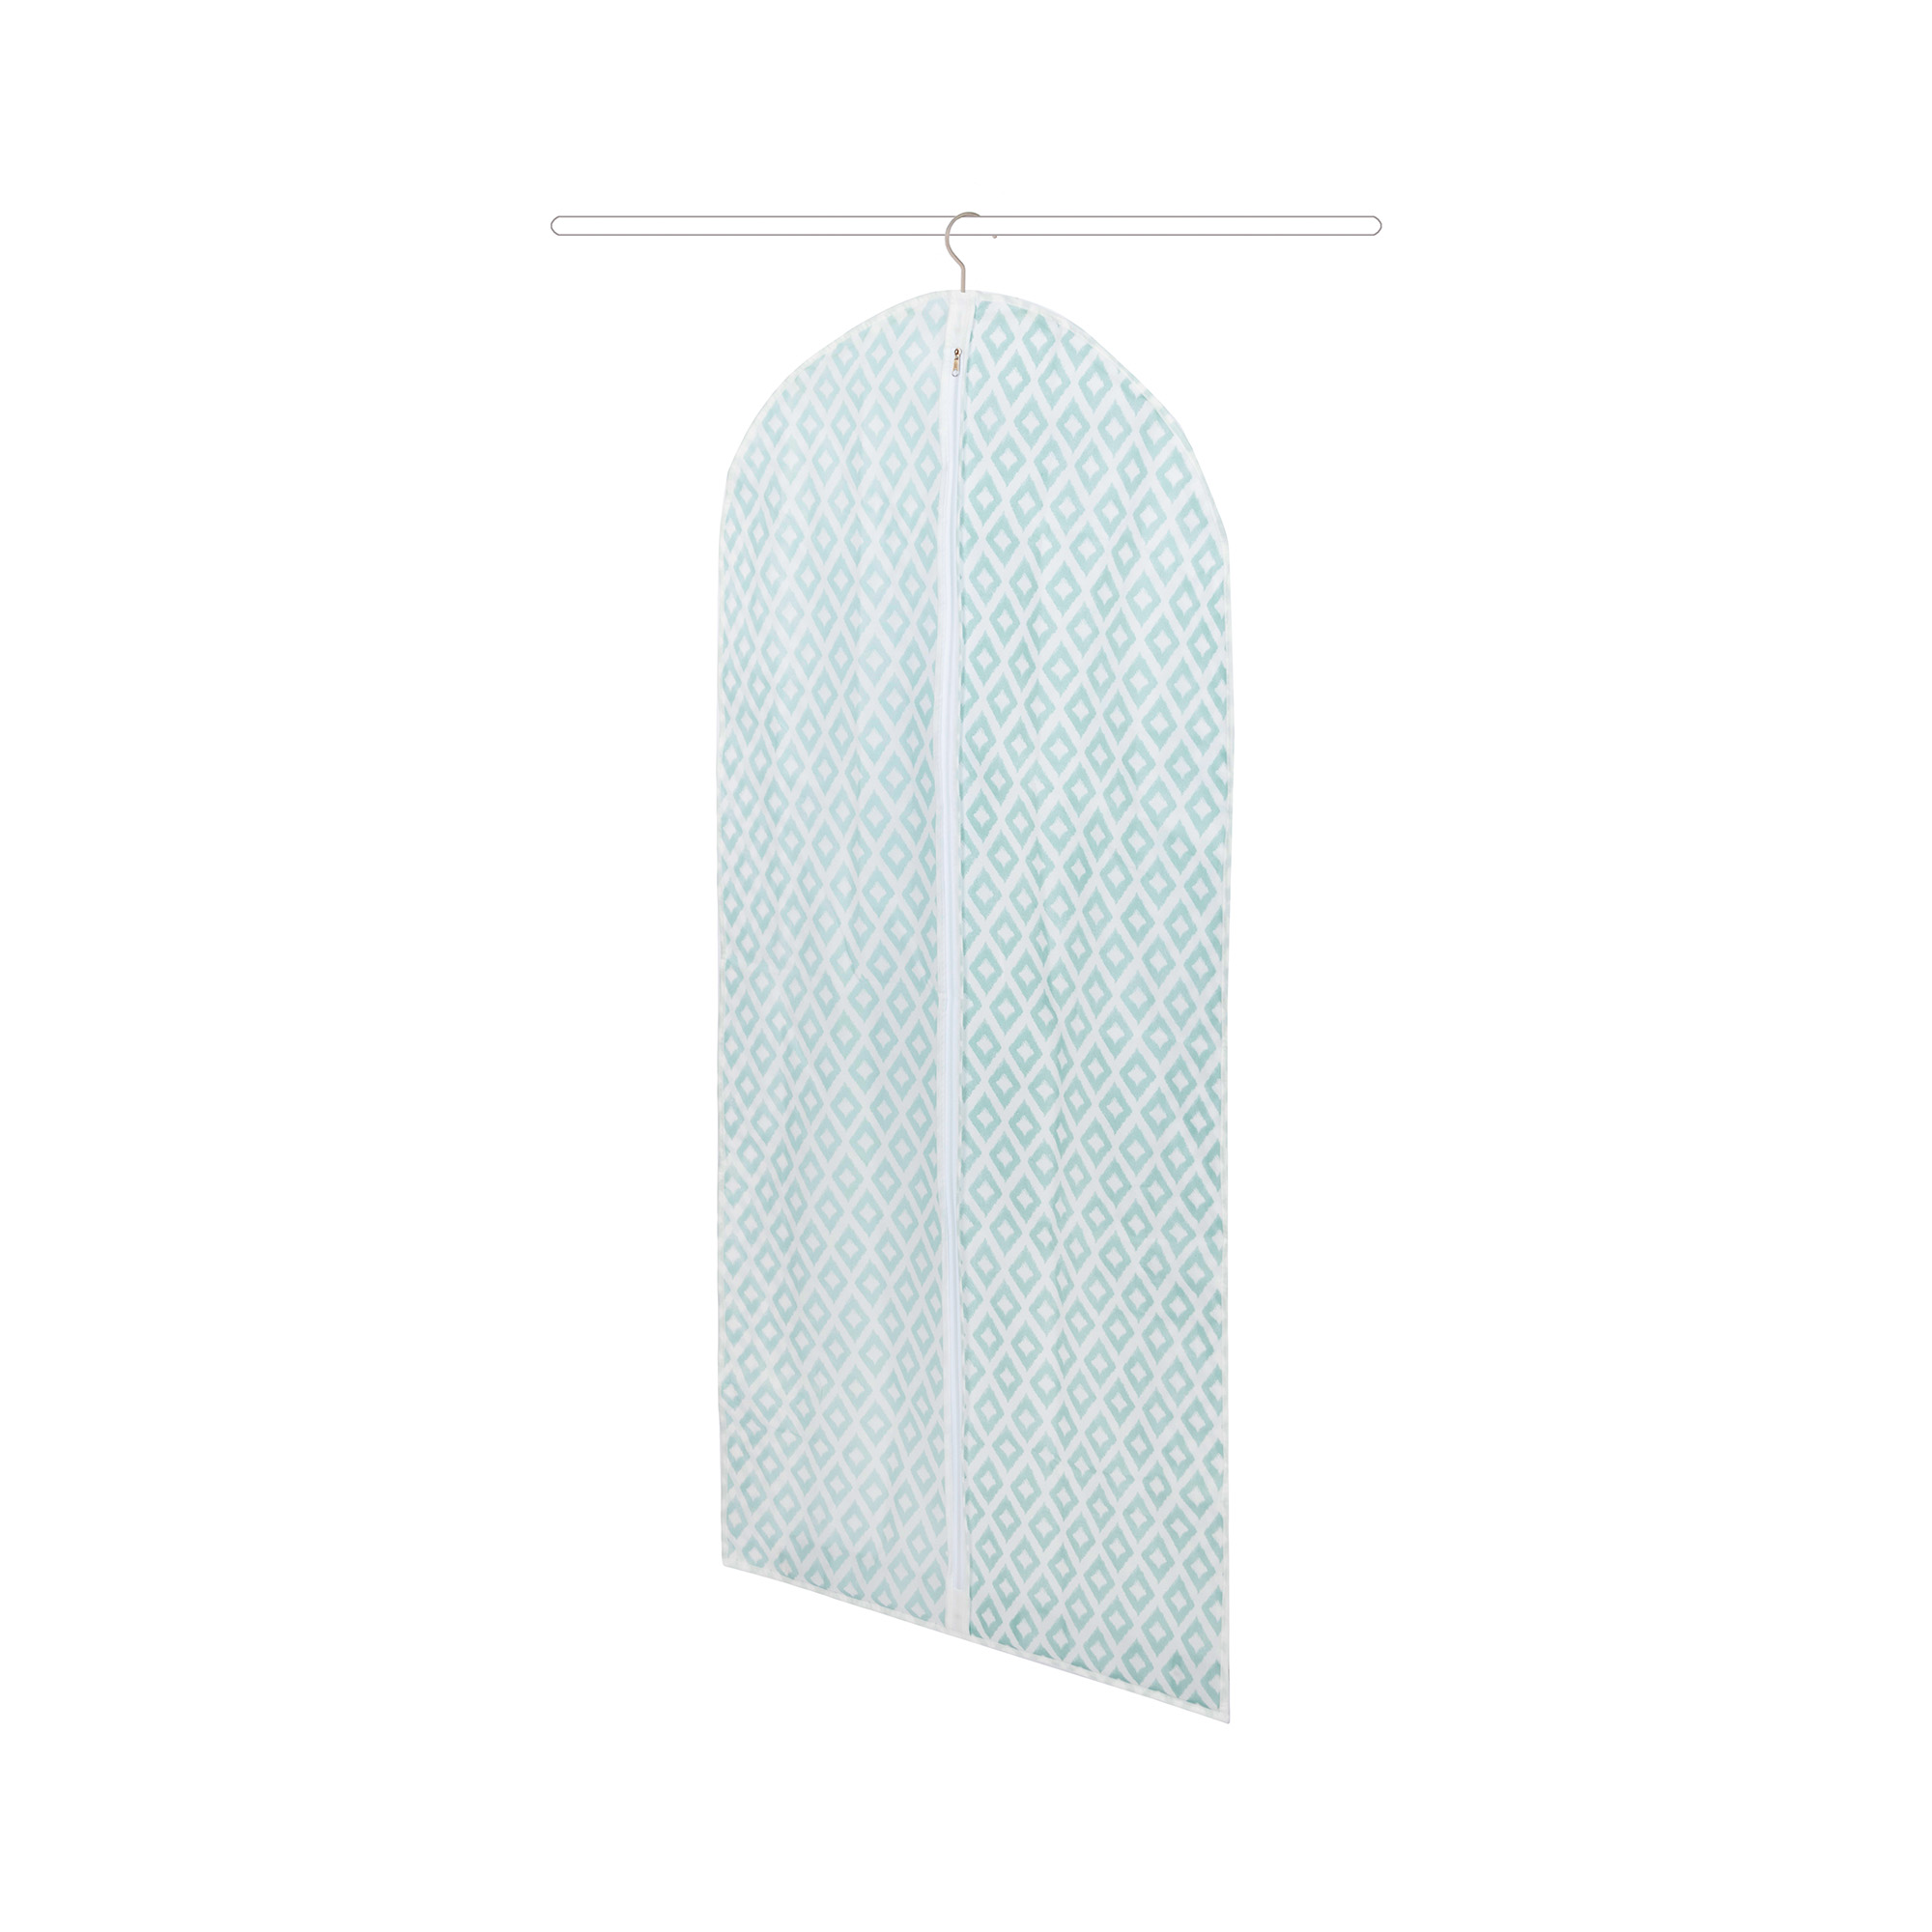 Housse pour vêtements bleue 60x137cm